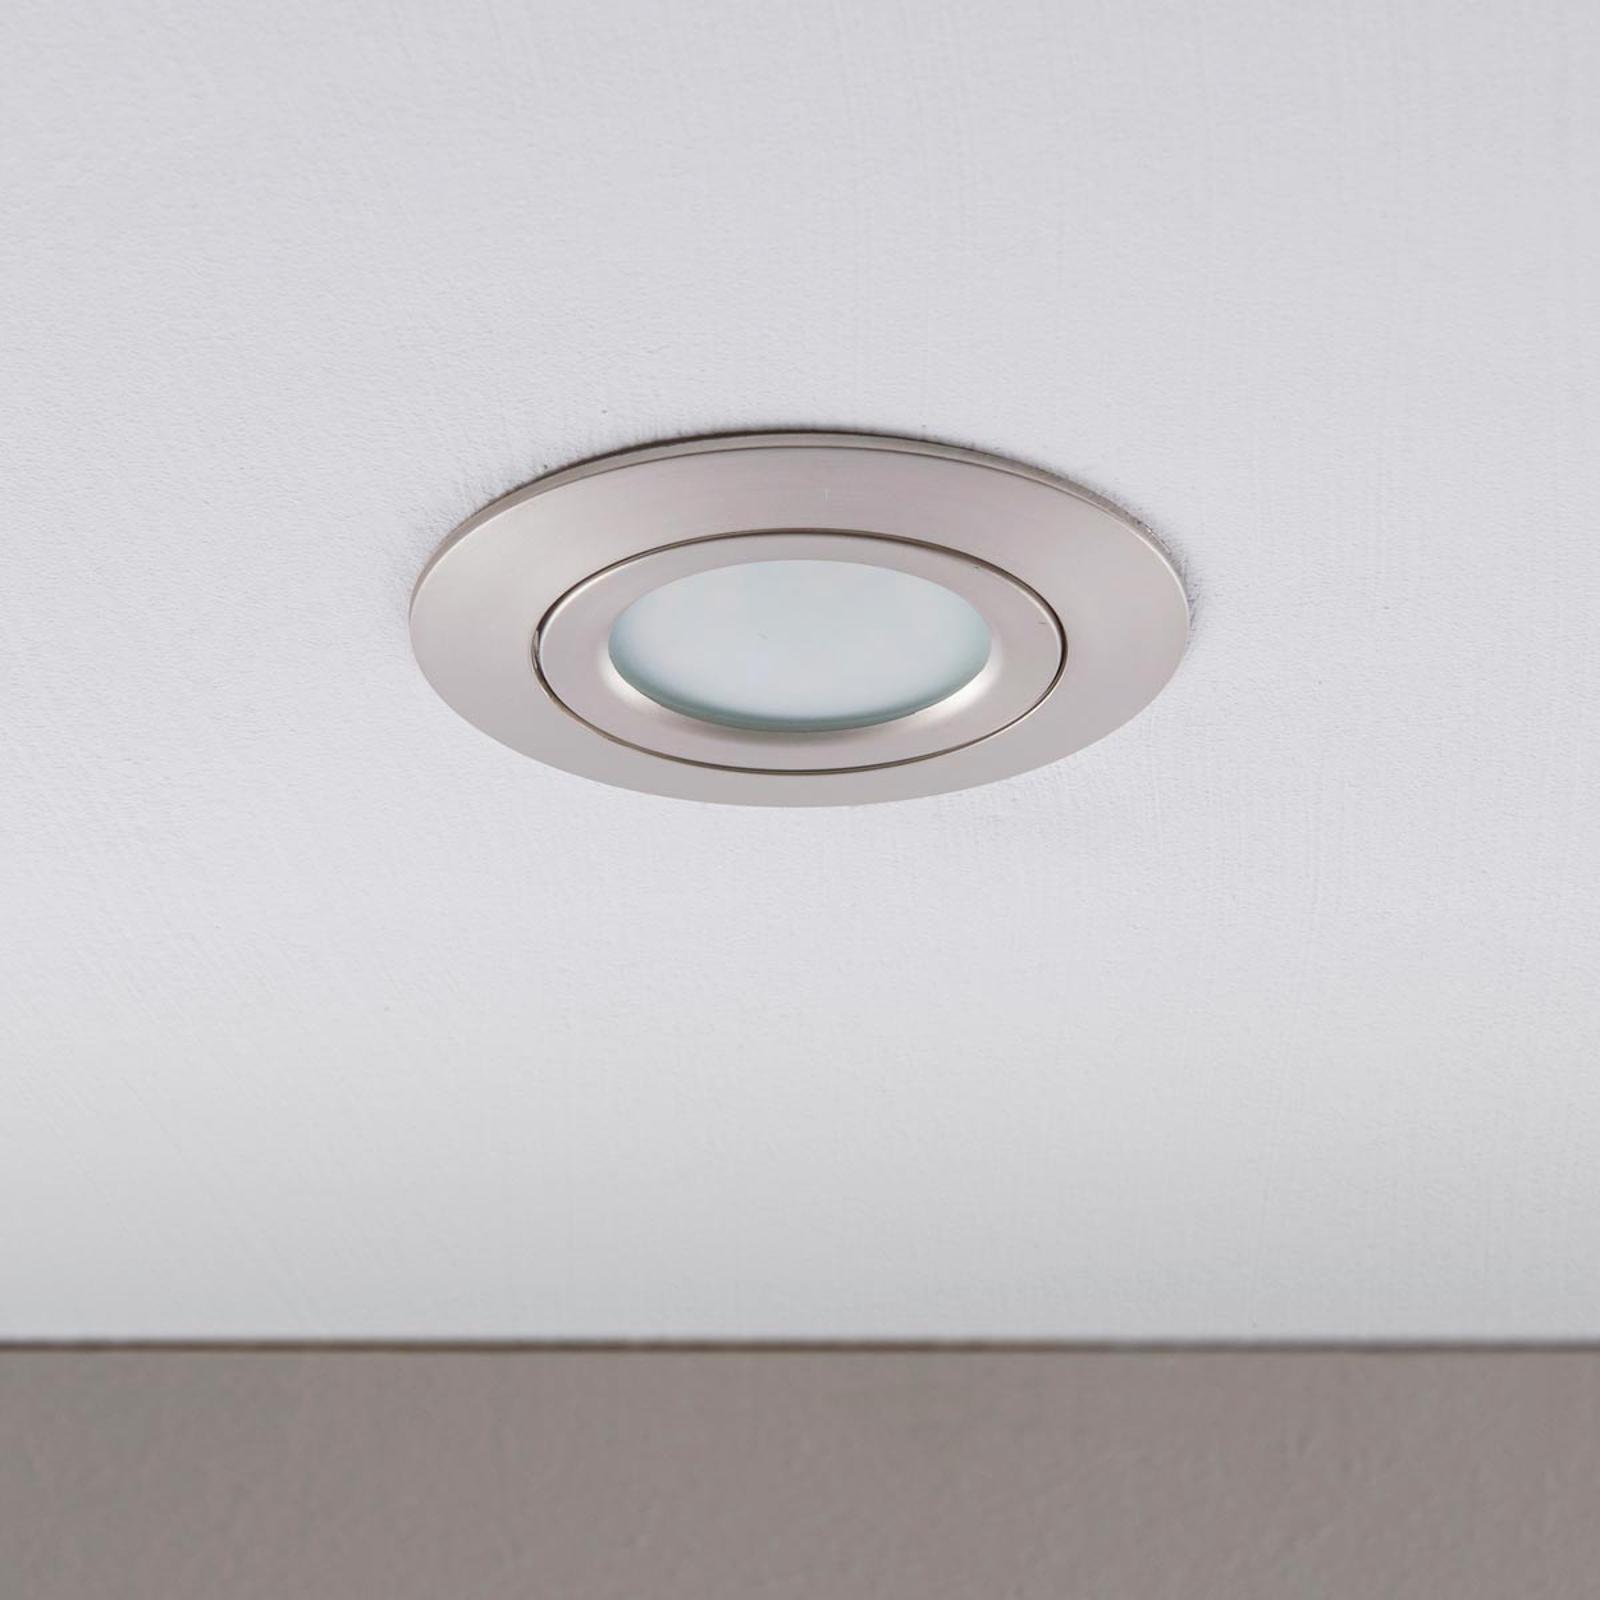 LED-Einbaustrahler Andrej, rund, nickel